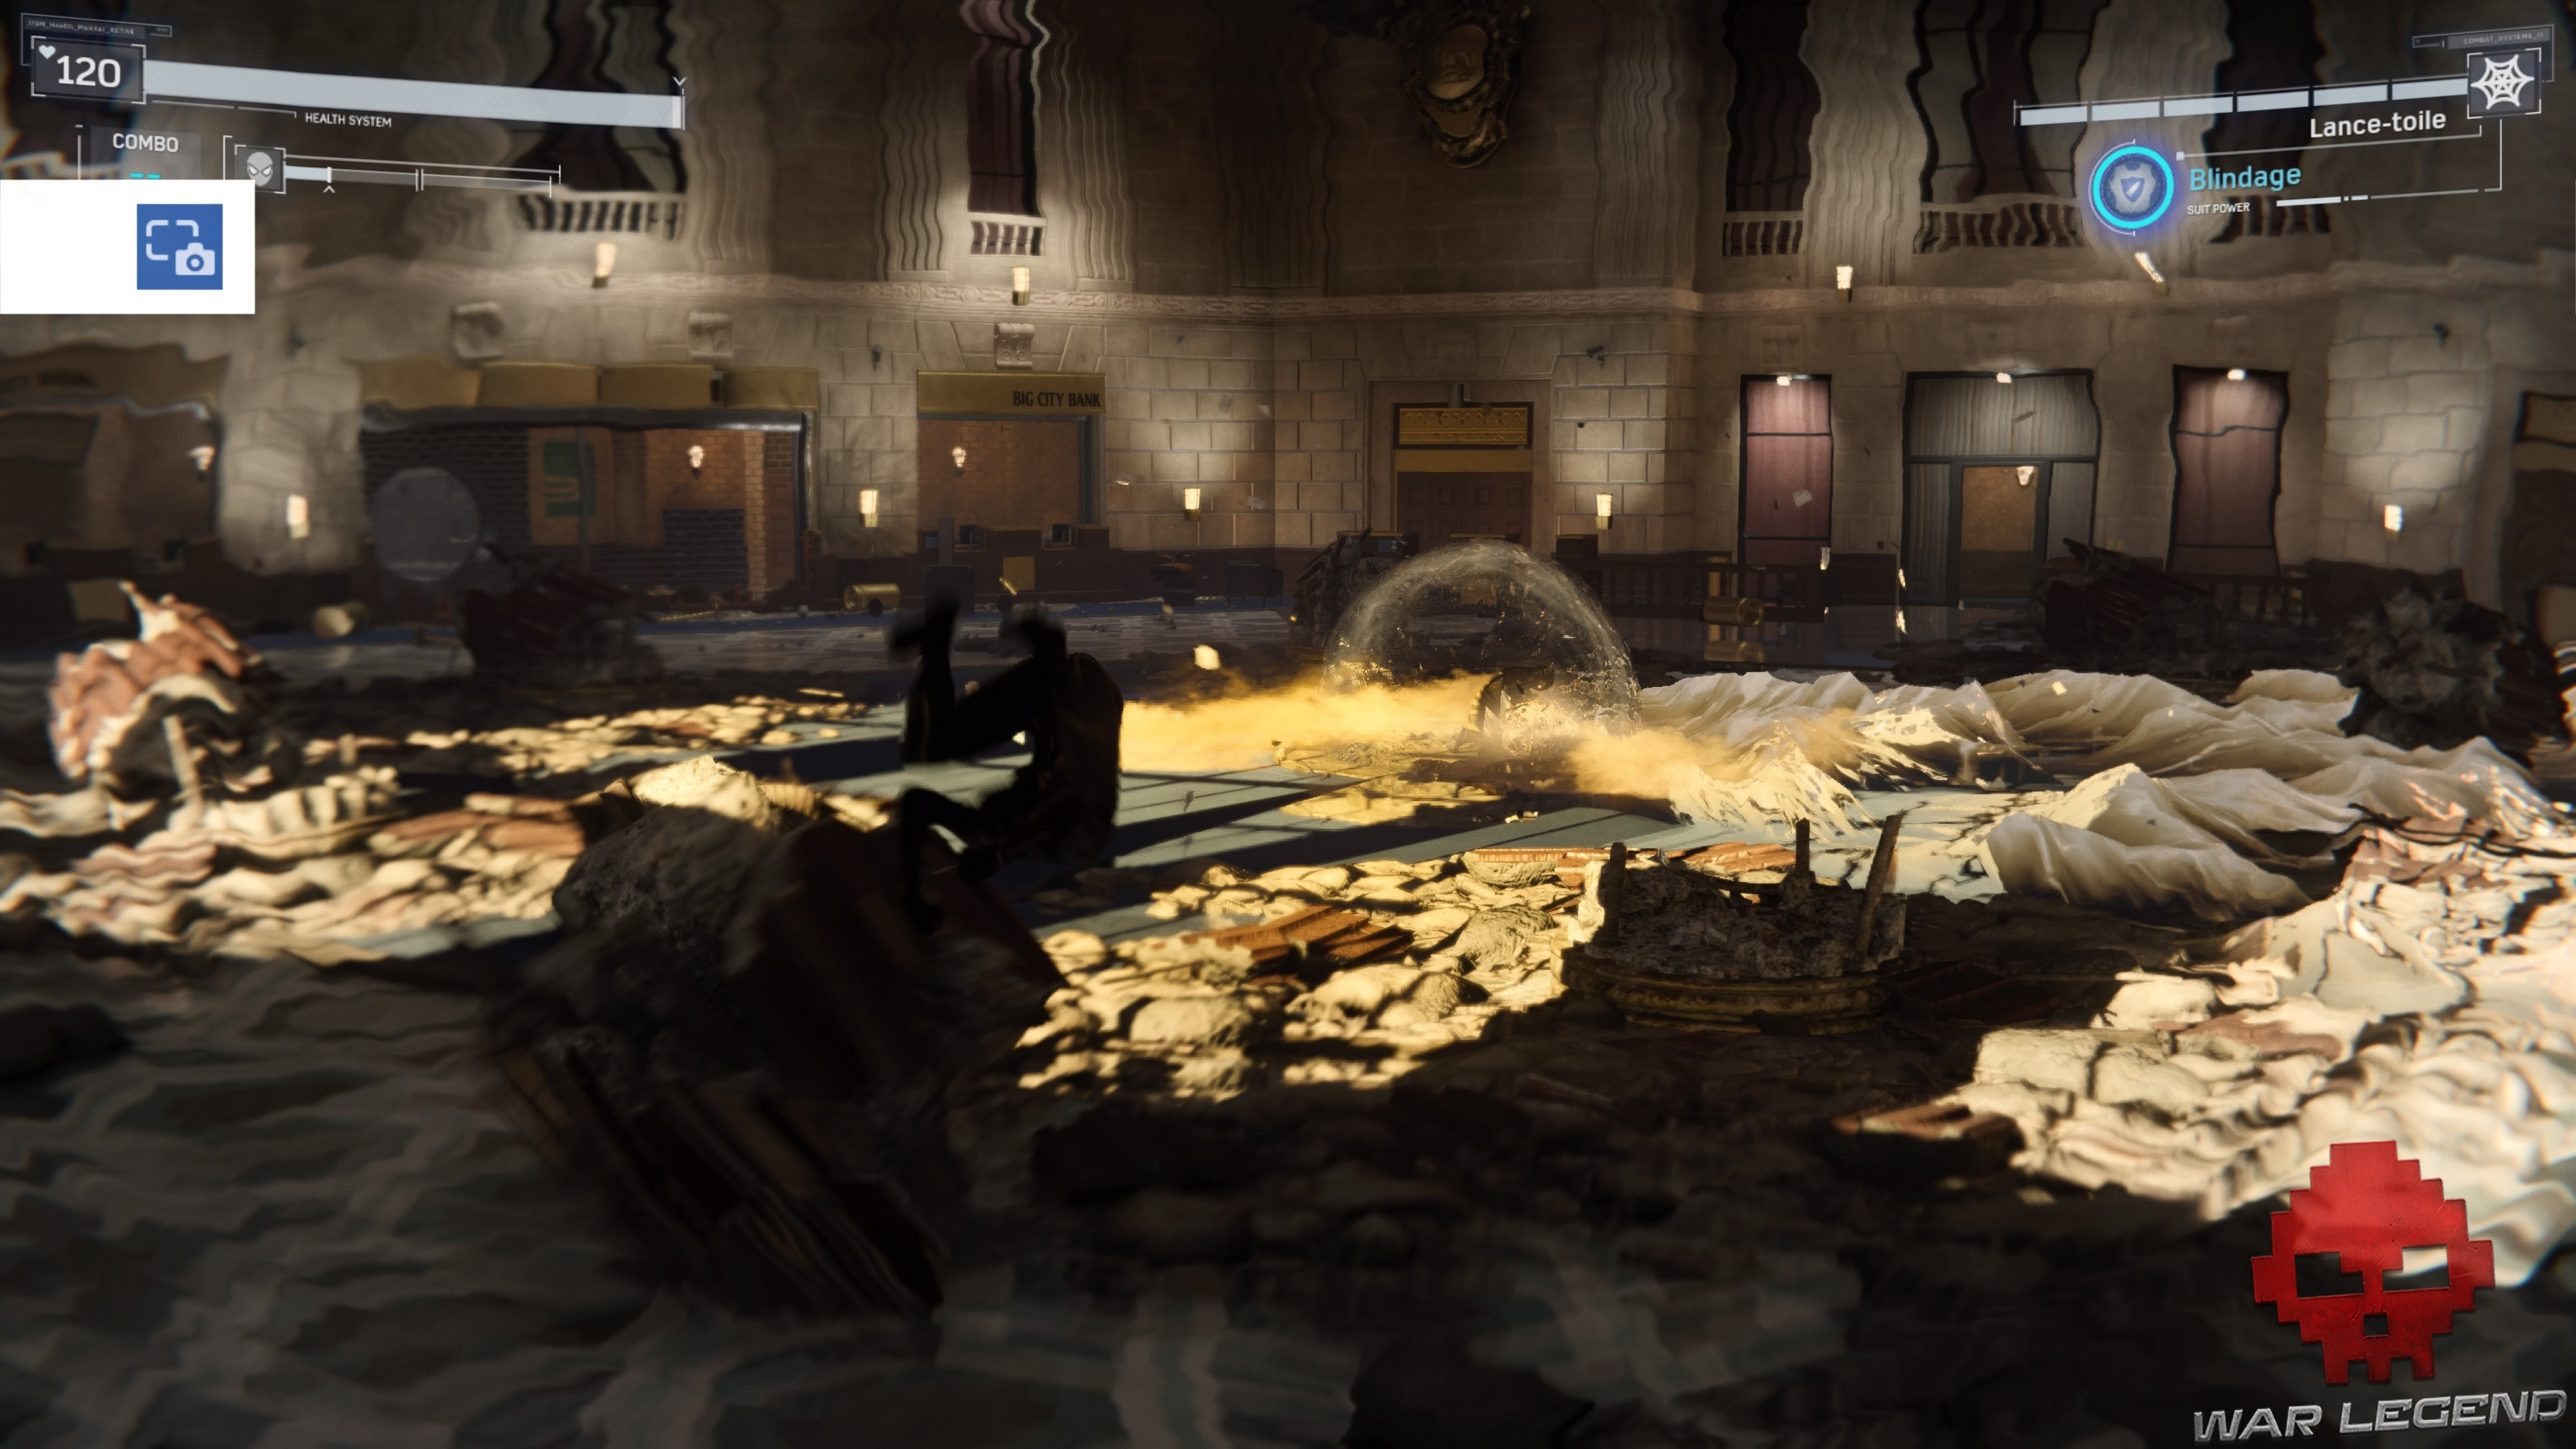 Spider-Man se balance dans une banque en ruines, shocker est au centre et lance une onde de choc